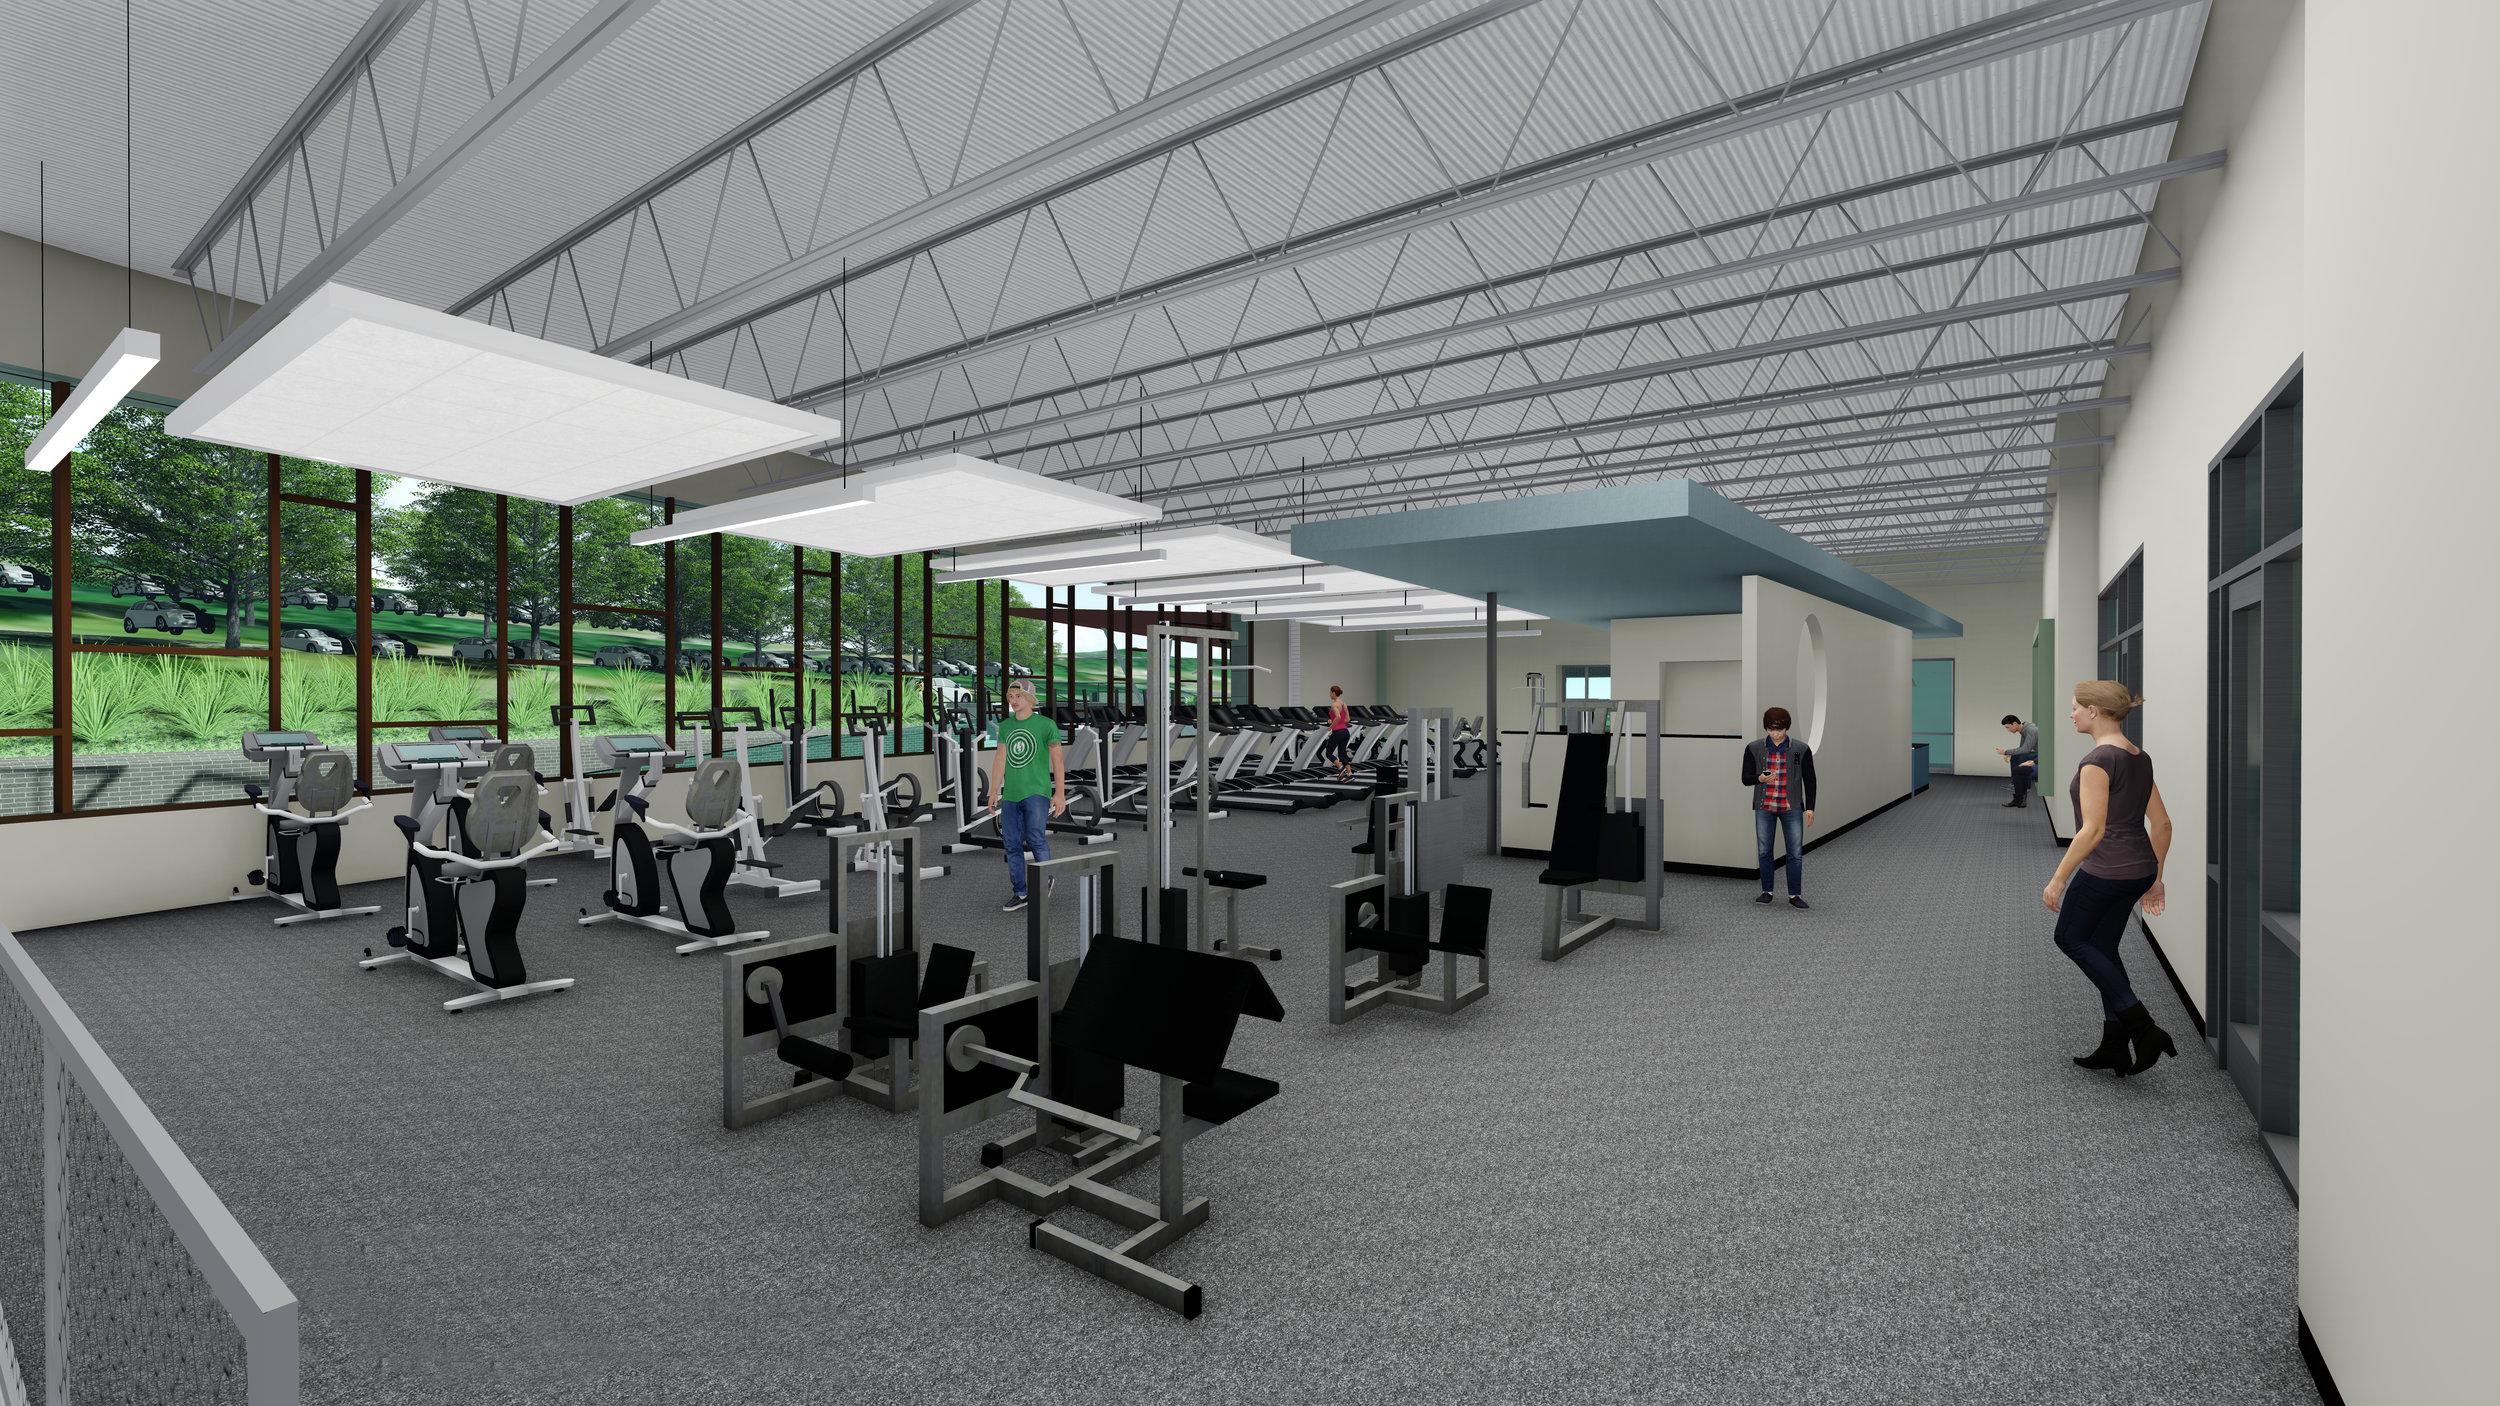 Fitness Center Interior 2.jpg